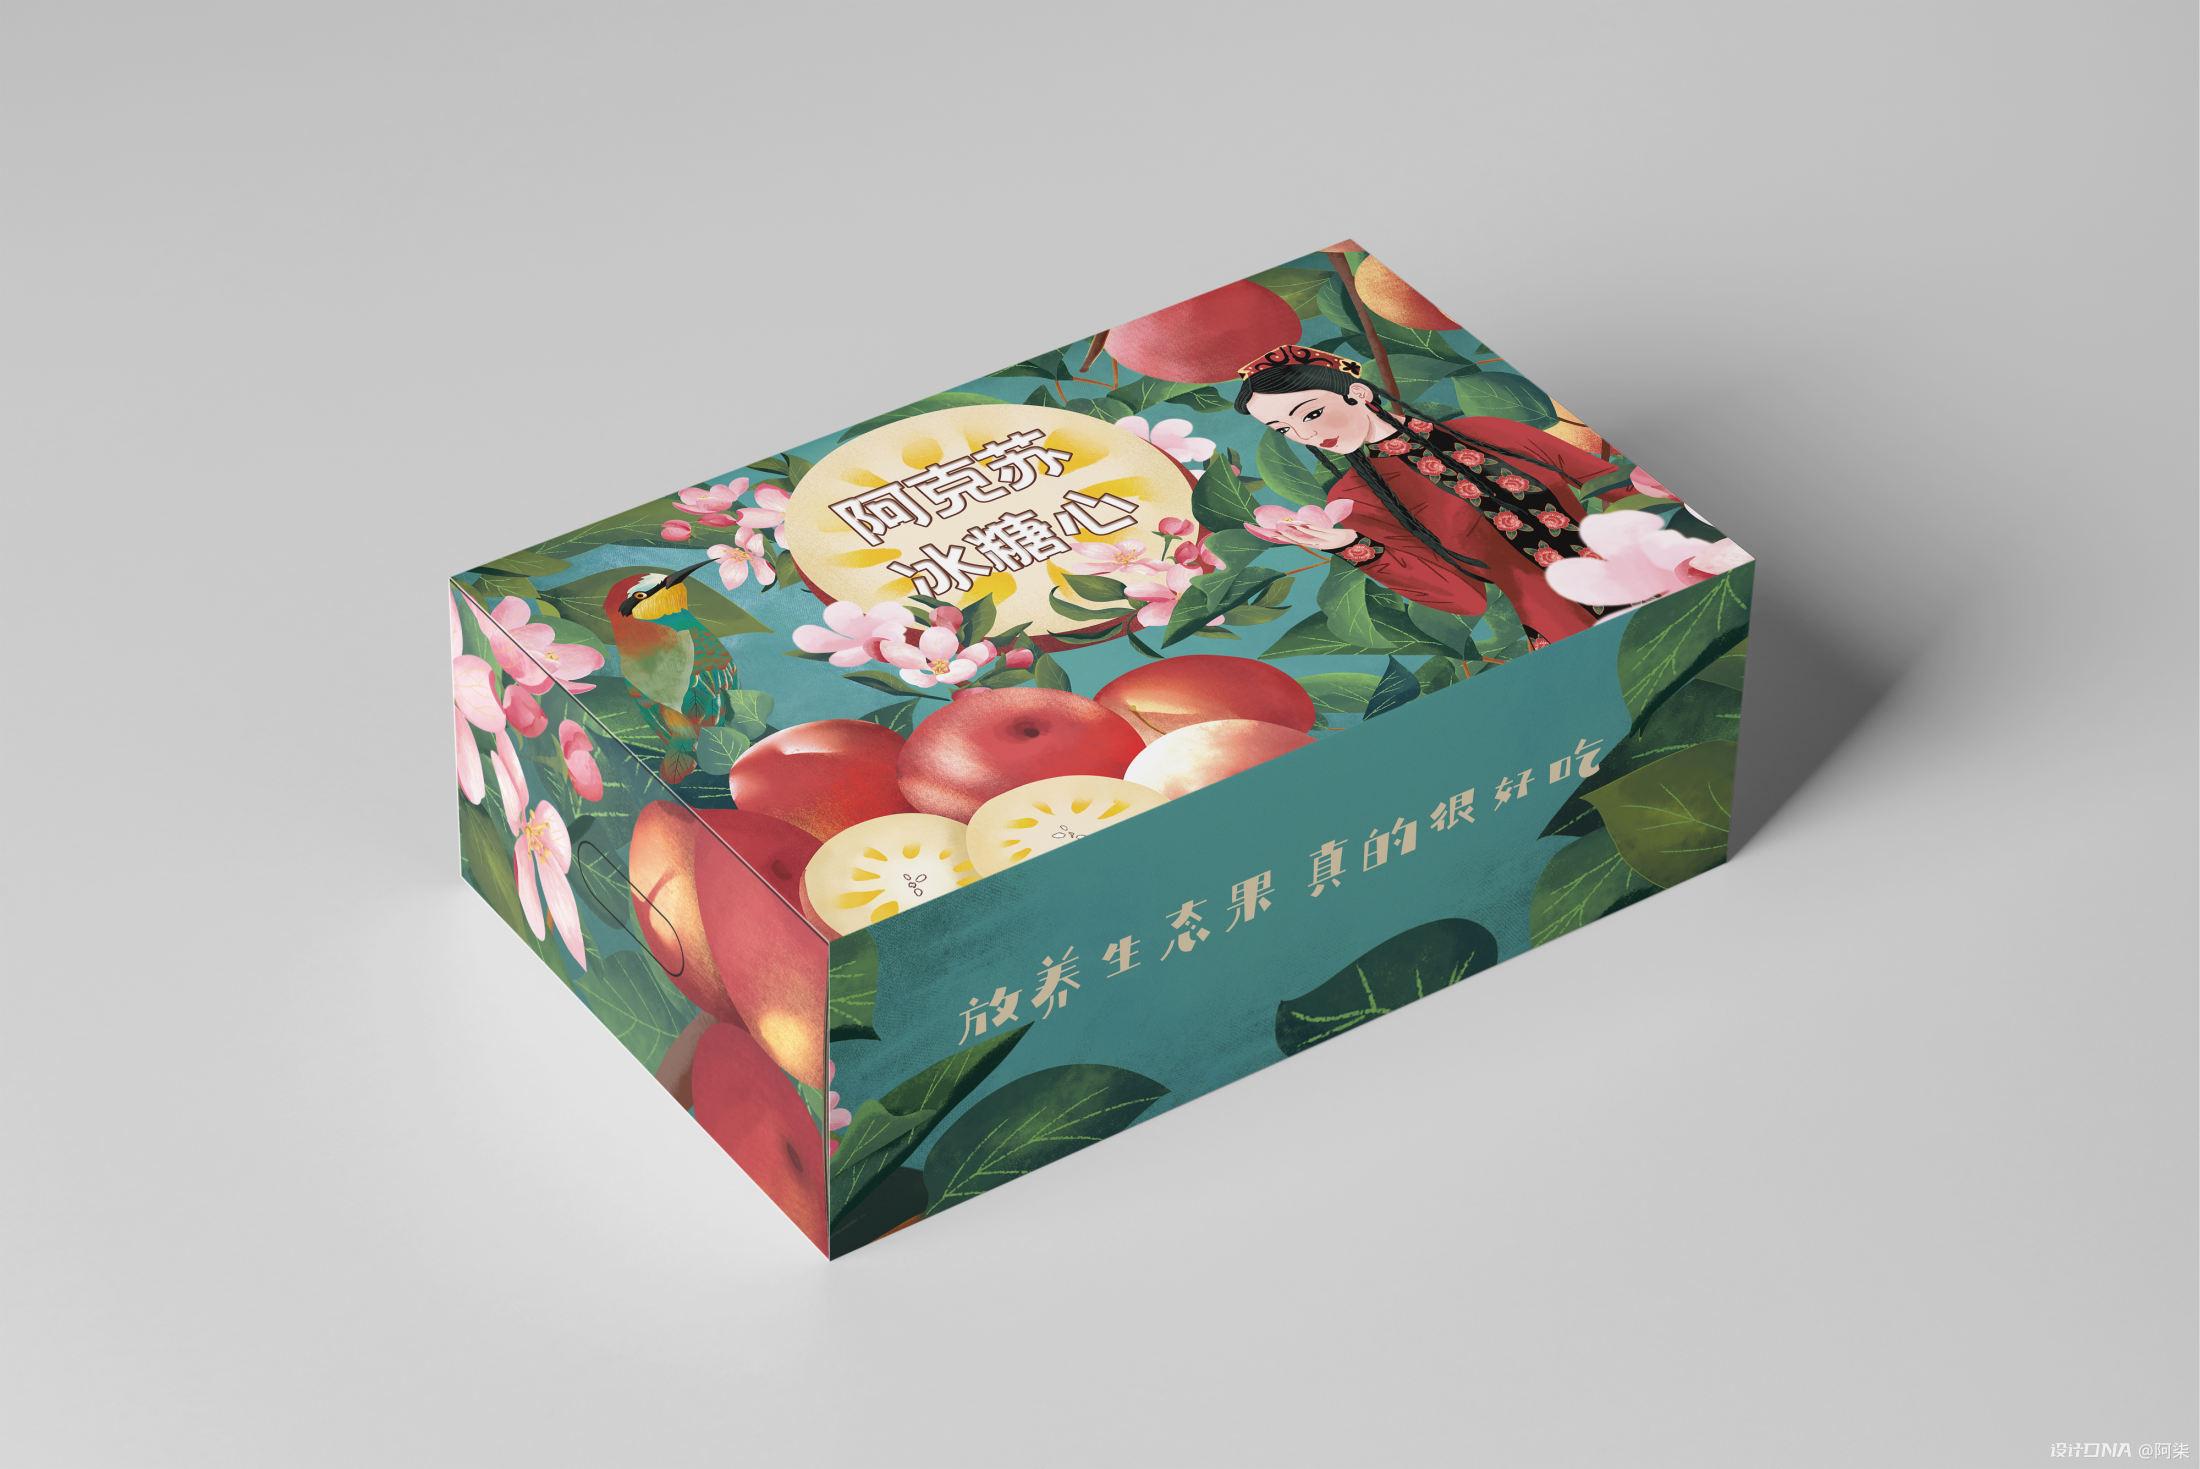 阿克苏冰糖心包装插画 图2